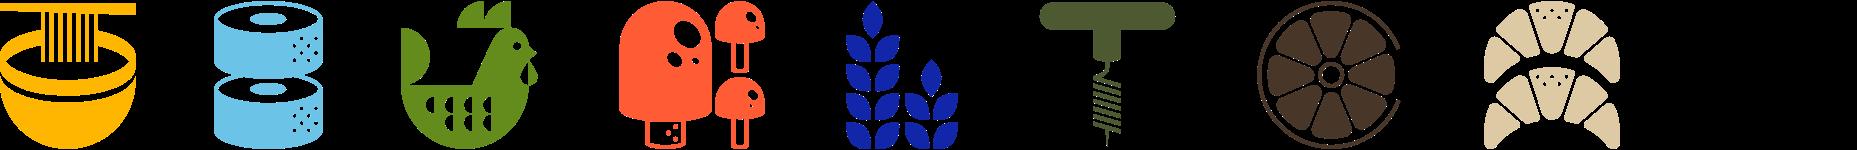 public-icon-row